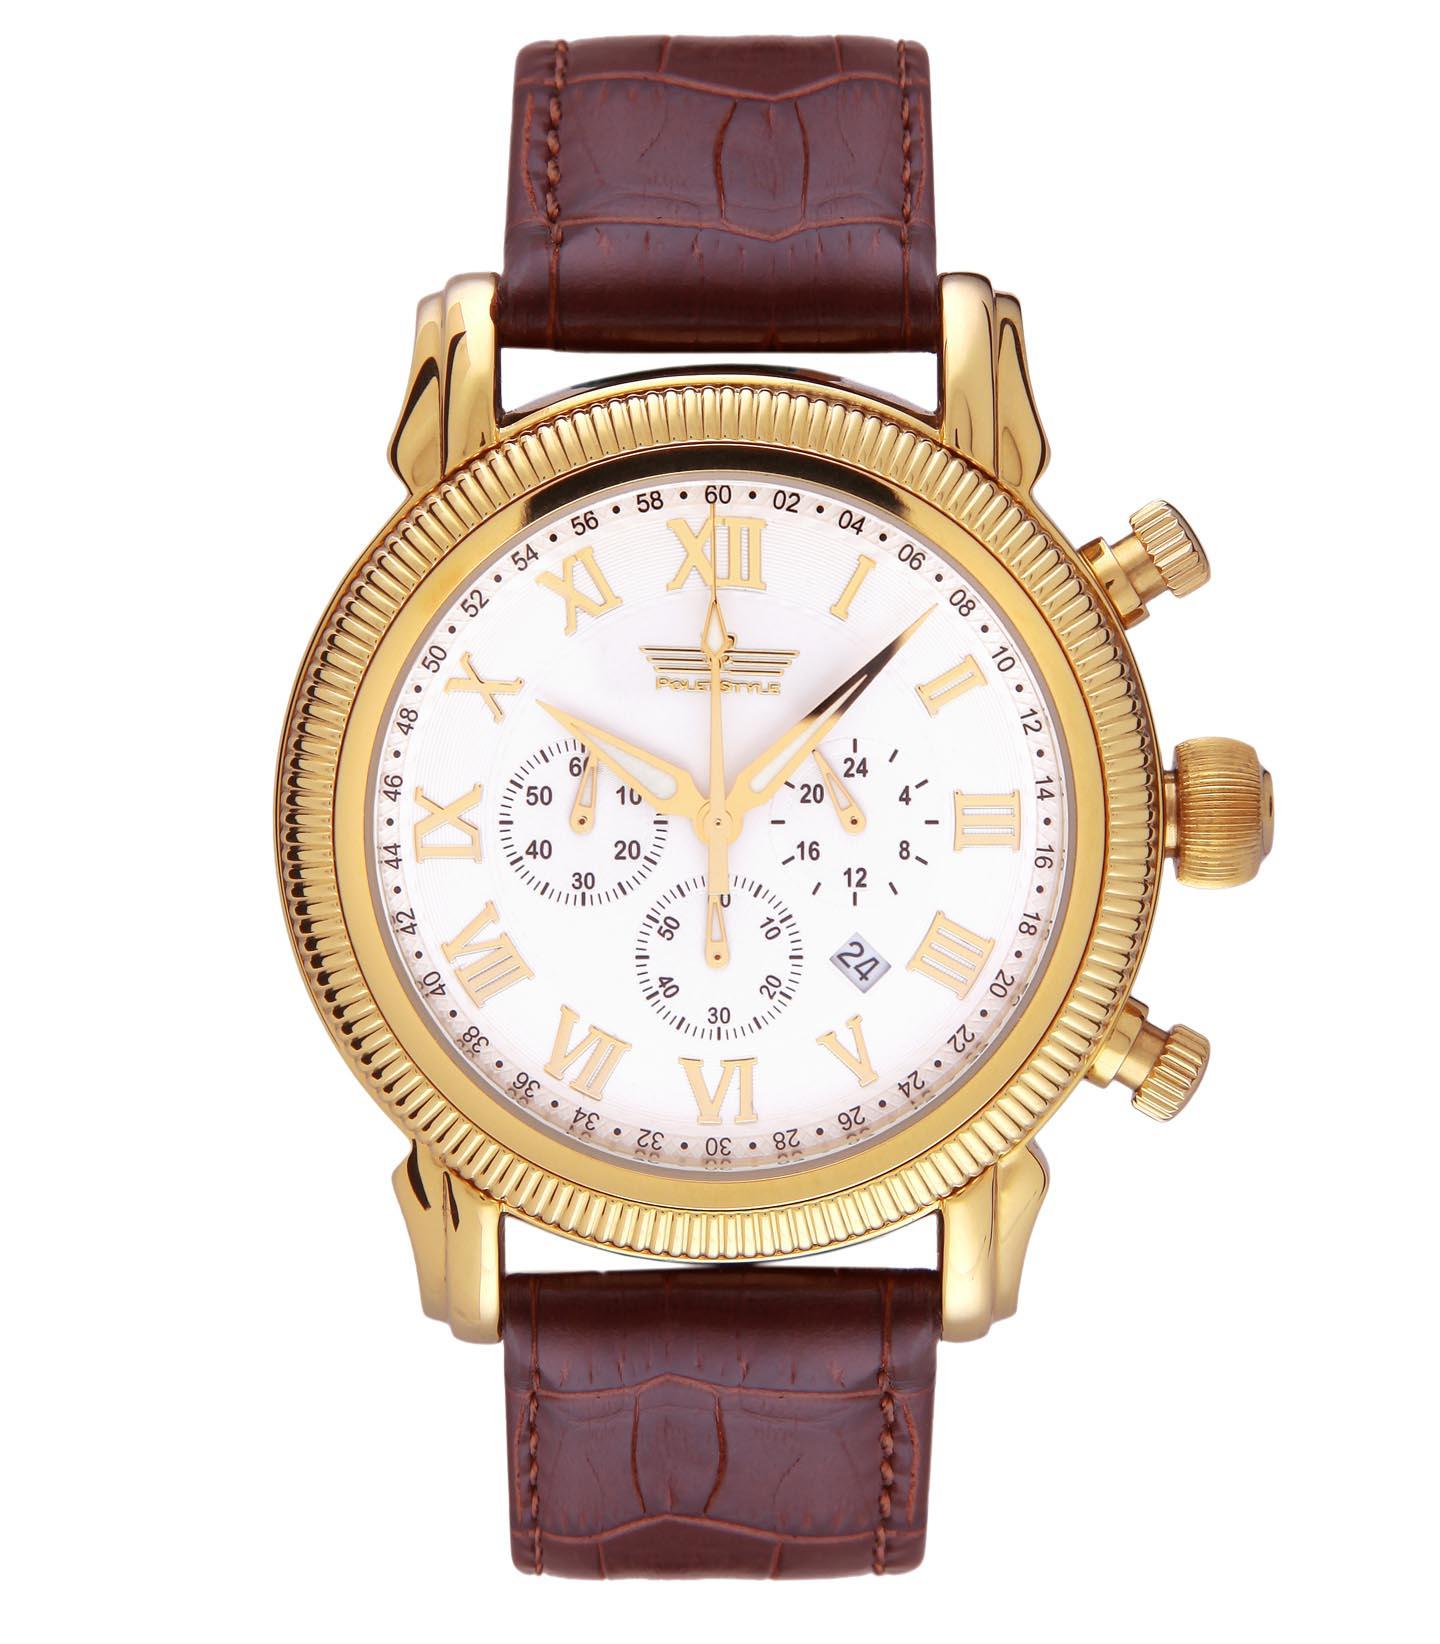 Мужские часы с хронографом - в интернет-магазине livening-russia.ru оригиналы по выгодным ценам, бесплатная доставка по россии.